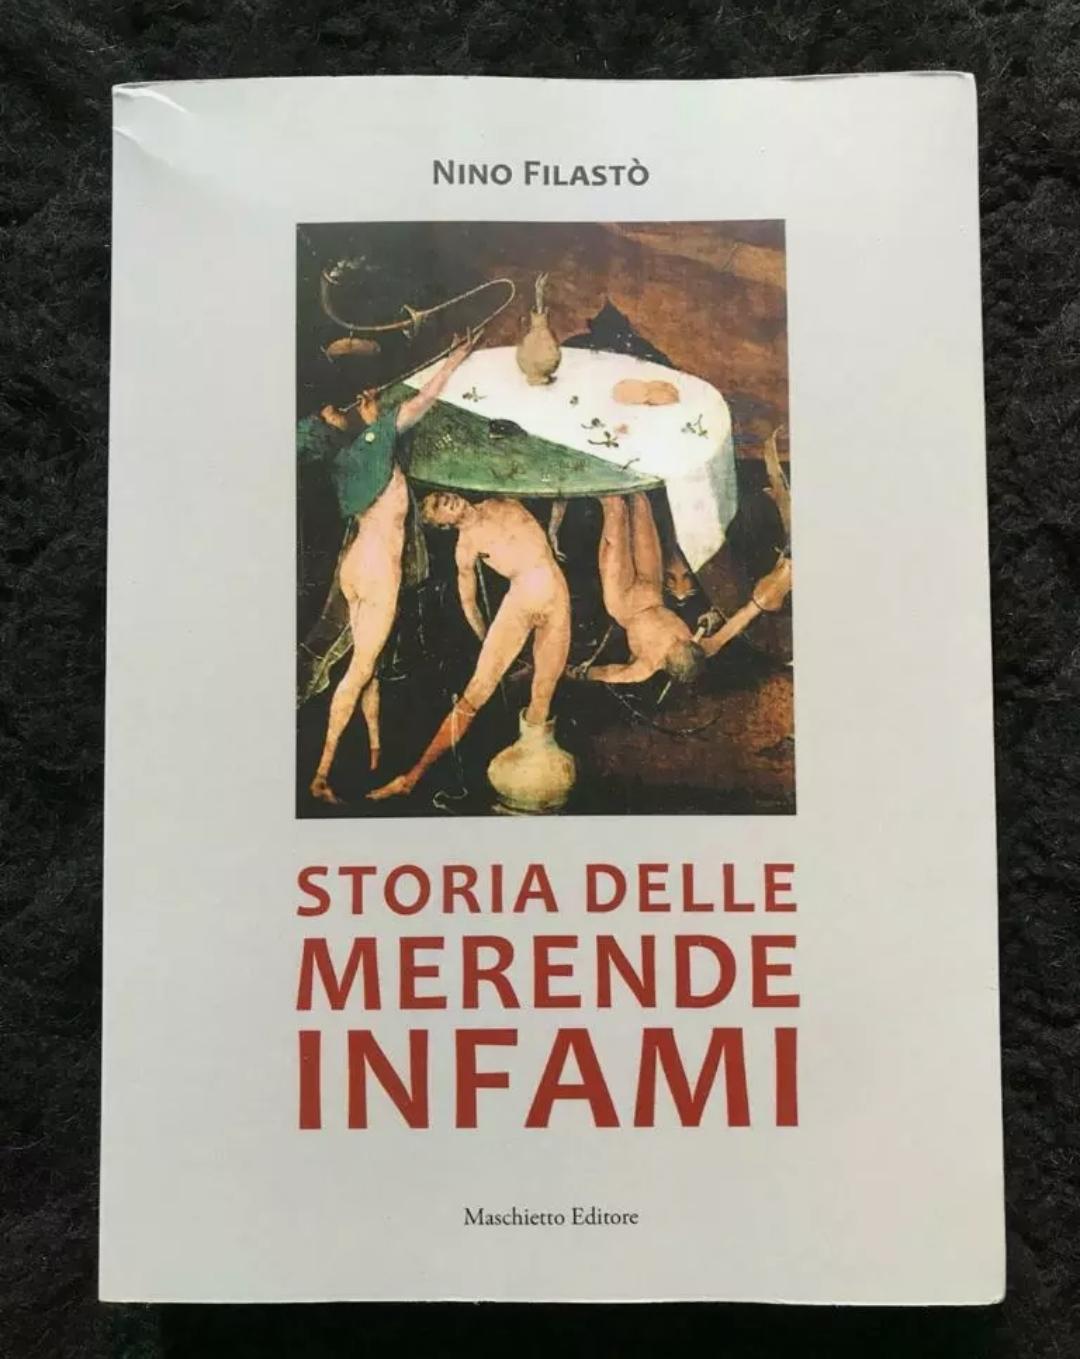 Storia delle Merende Infami – N. Filastò – Mostro di Firenze. In asta.